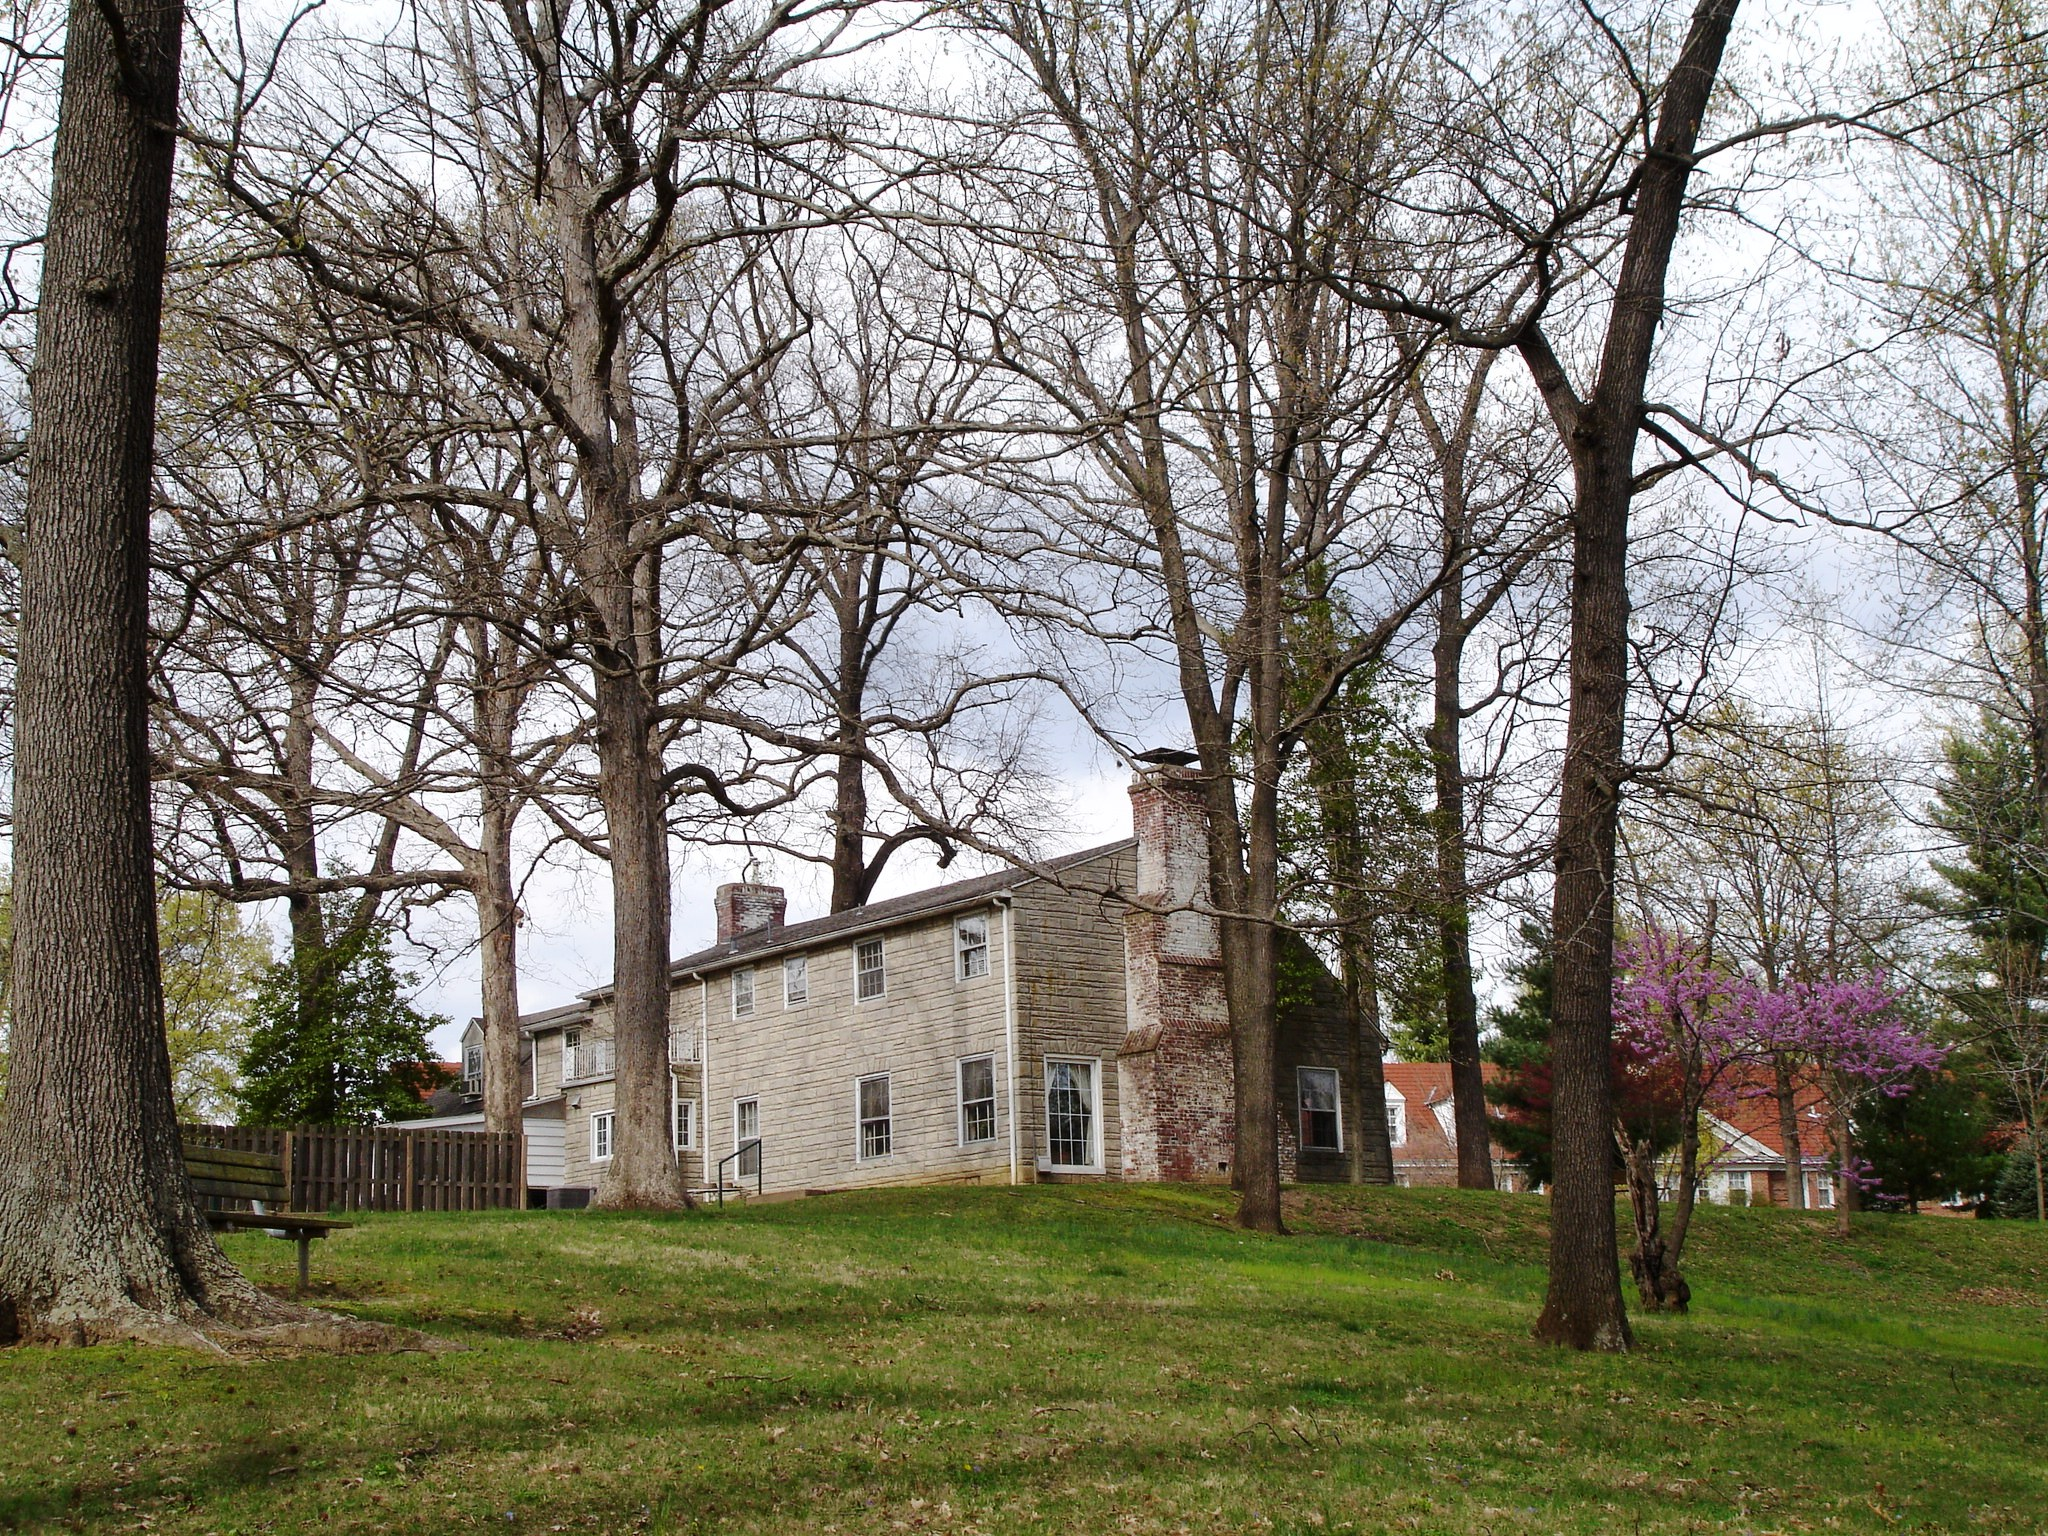 Greystone- Spring-Mar 2012